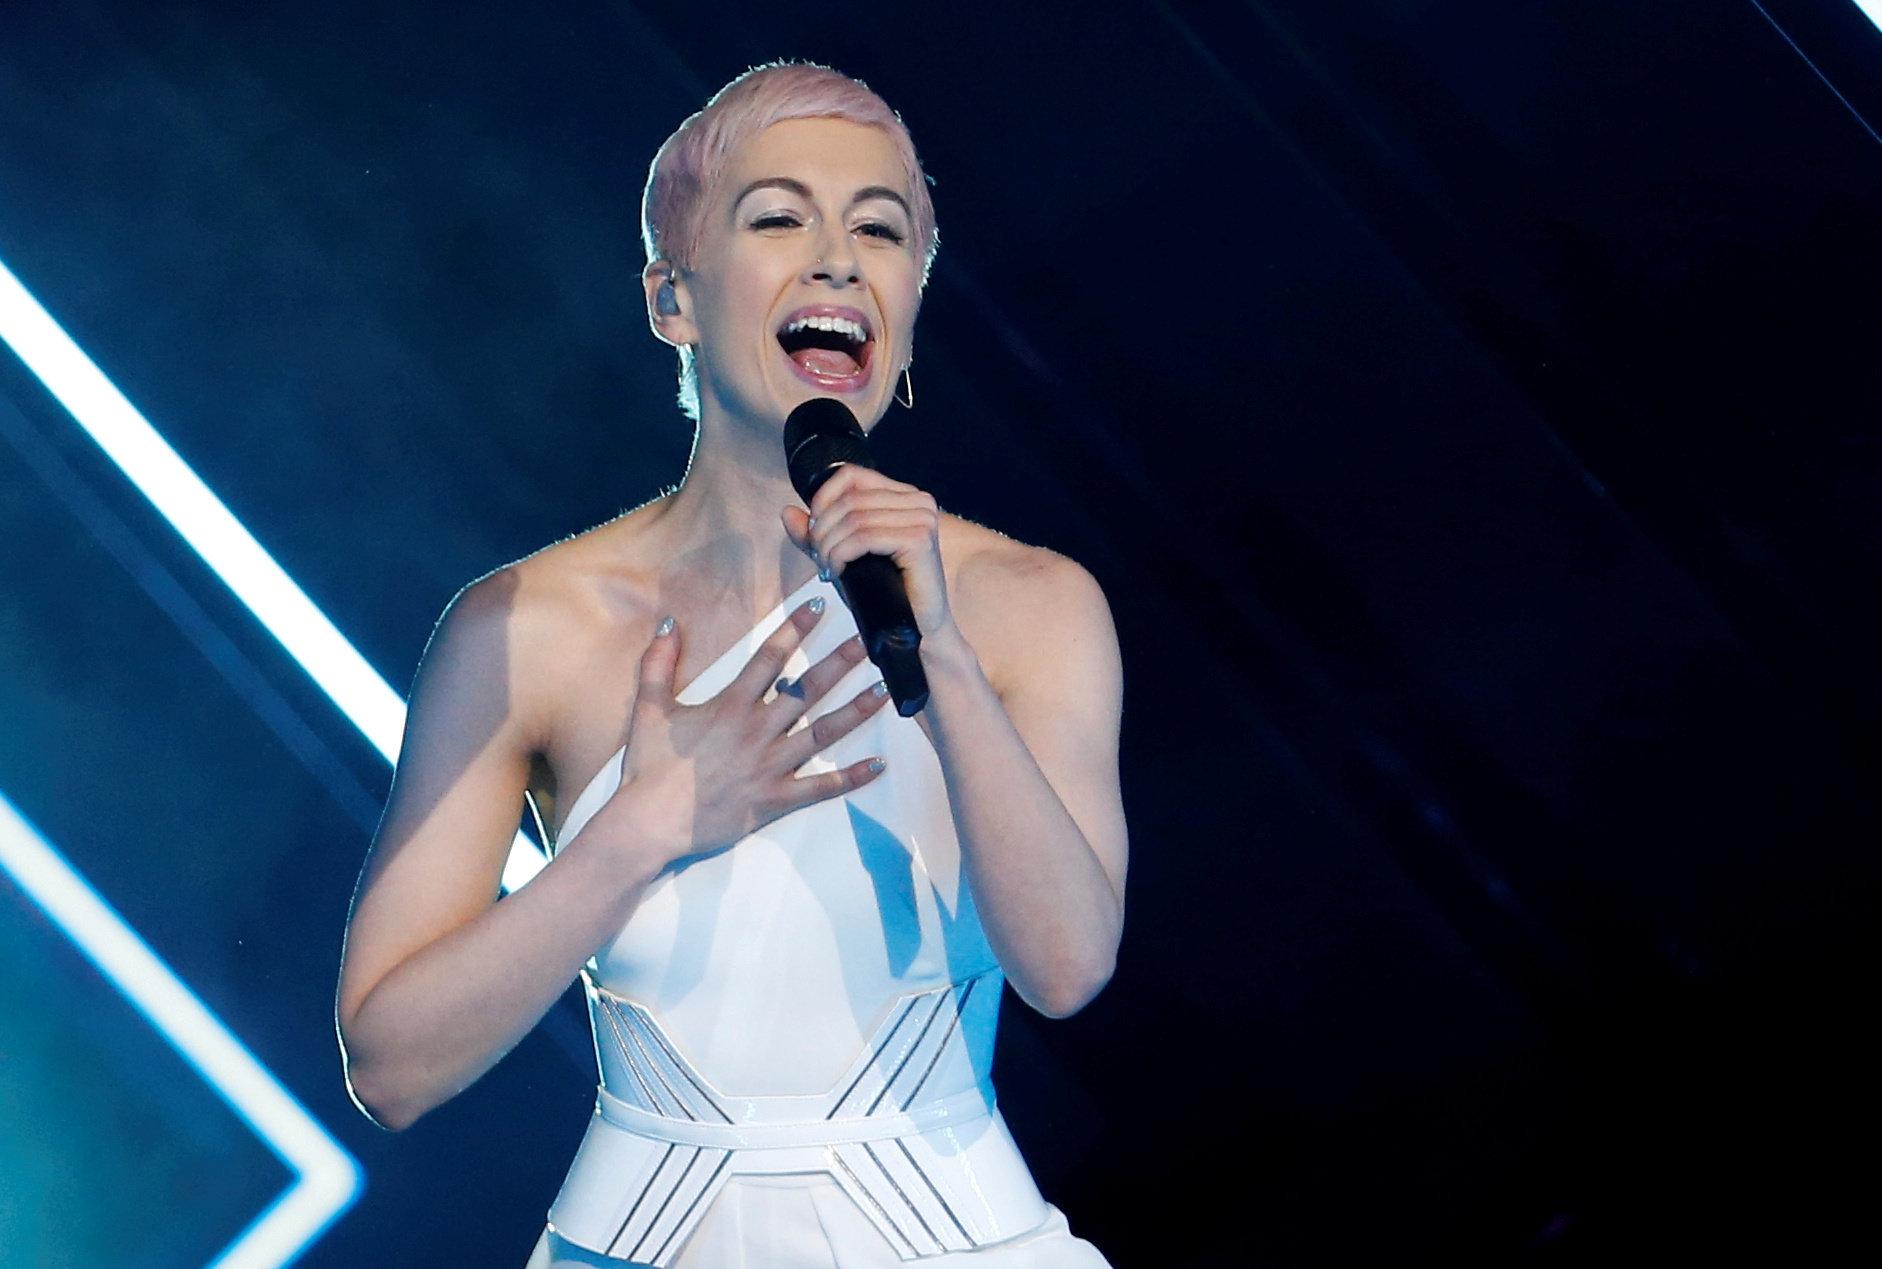 Eurovision: Τι φώναξε ο άνδρας που ανέβηκε στη σκηνή την ώρα της παρουσίασης του τραγουδιού της Μεγάλης